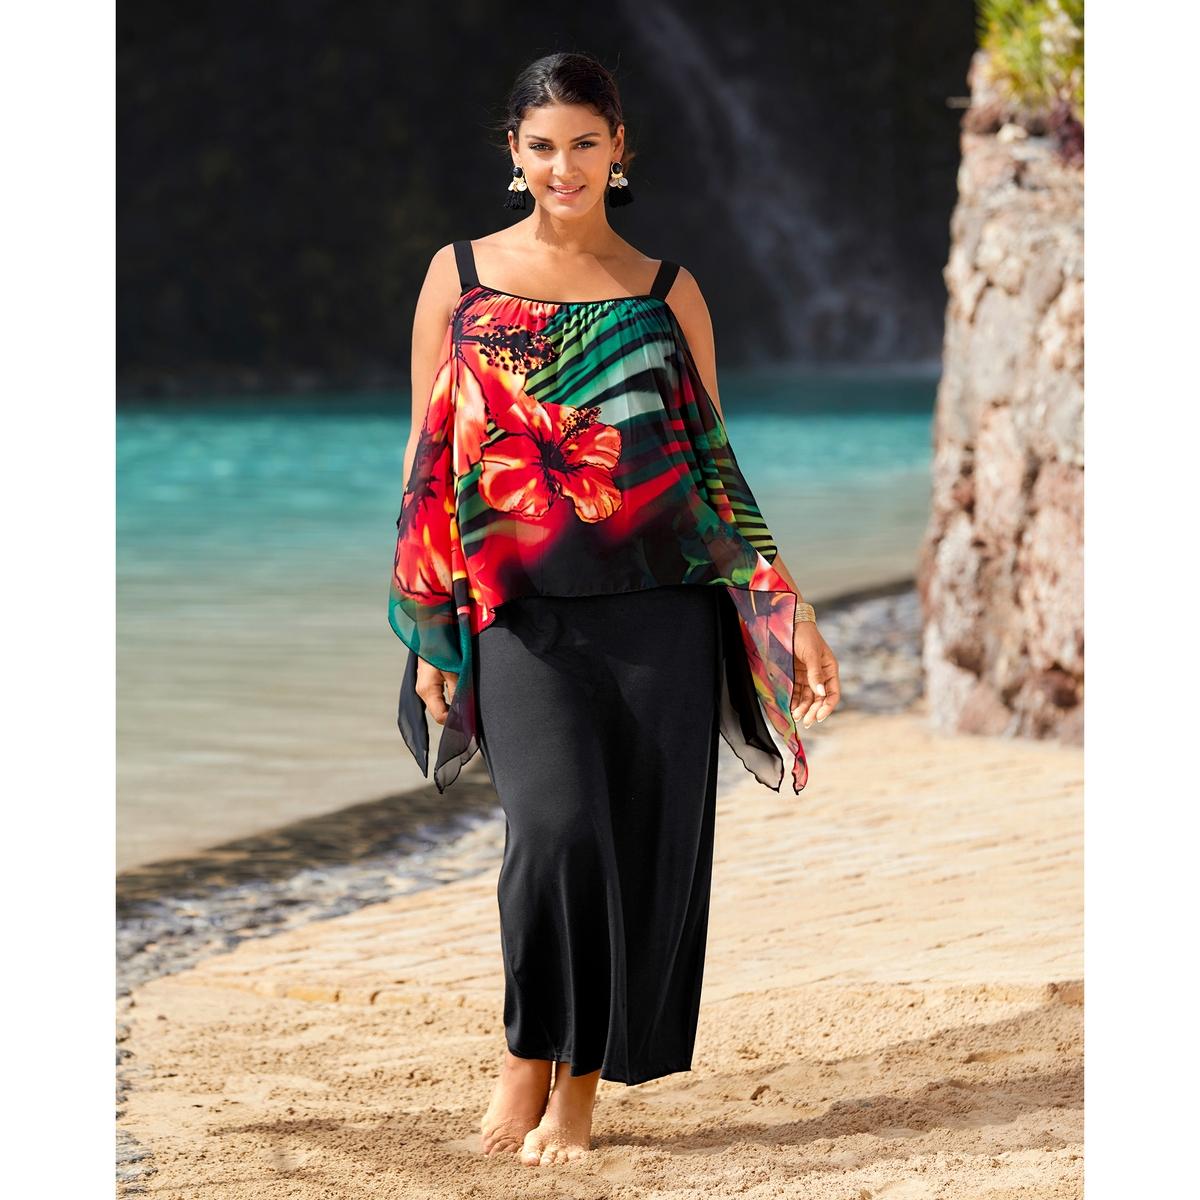 Платье пляжноеПляжное платье ULLA POPKEN. Длинное платье без рукавов из непрозрачного джерси. Верх из вуали, приспущенные плечи, экзотический рисунок яркой расцветки спереди. Верх: 100% полиэстер. Длина . 130 см<br><br>Цвет: разноцветный<br>Размер: 58 (FR) - 64 (RUS).52 (FR) - 58 (RUS)